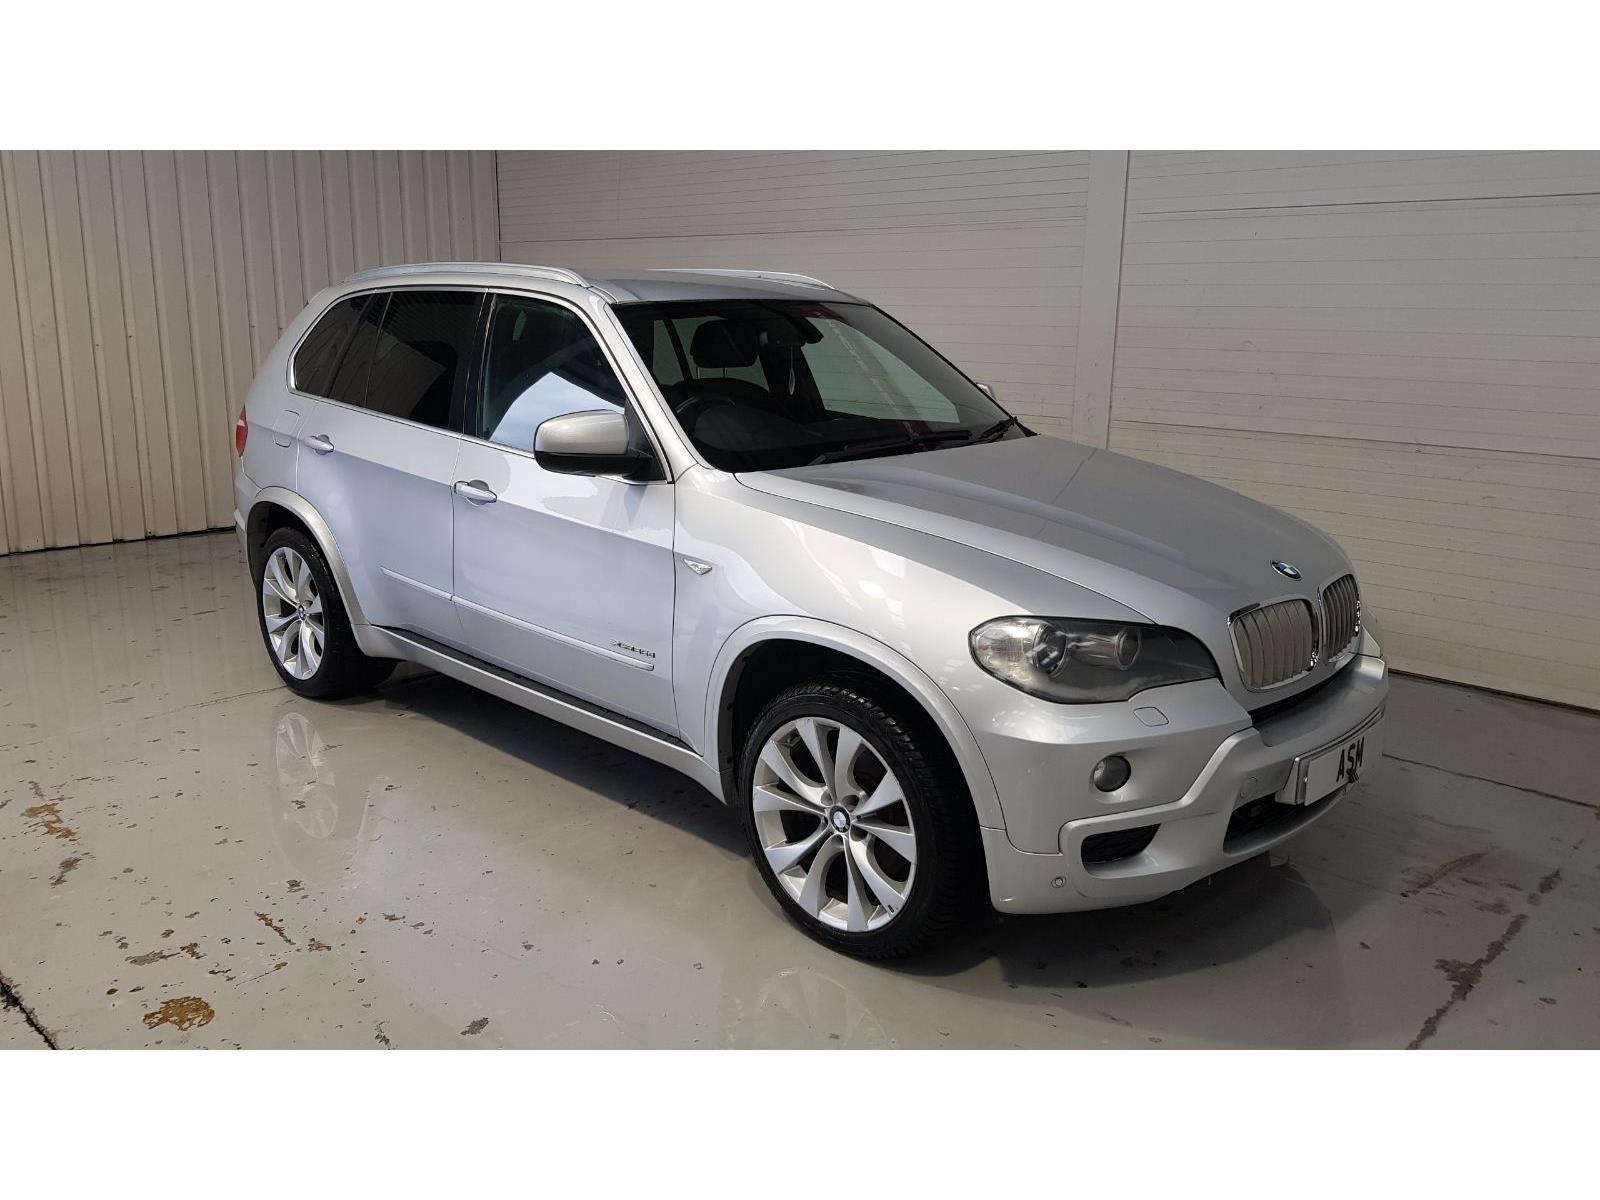 2010 BMW X5 XDrive35d M Sport 2993cc Turbo Diesel Automatic 6 Speed 5 Door 4x4